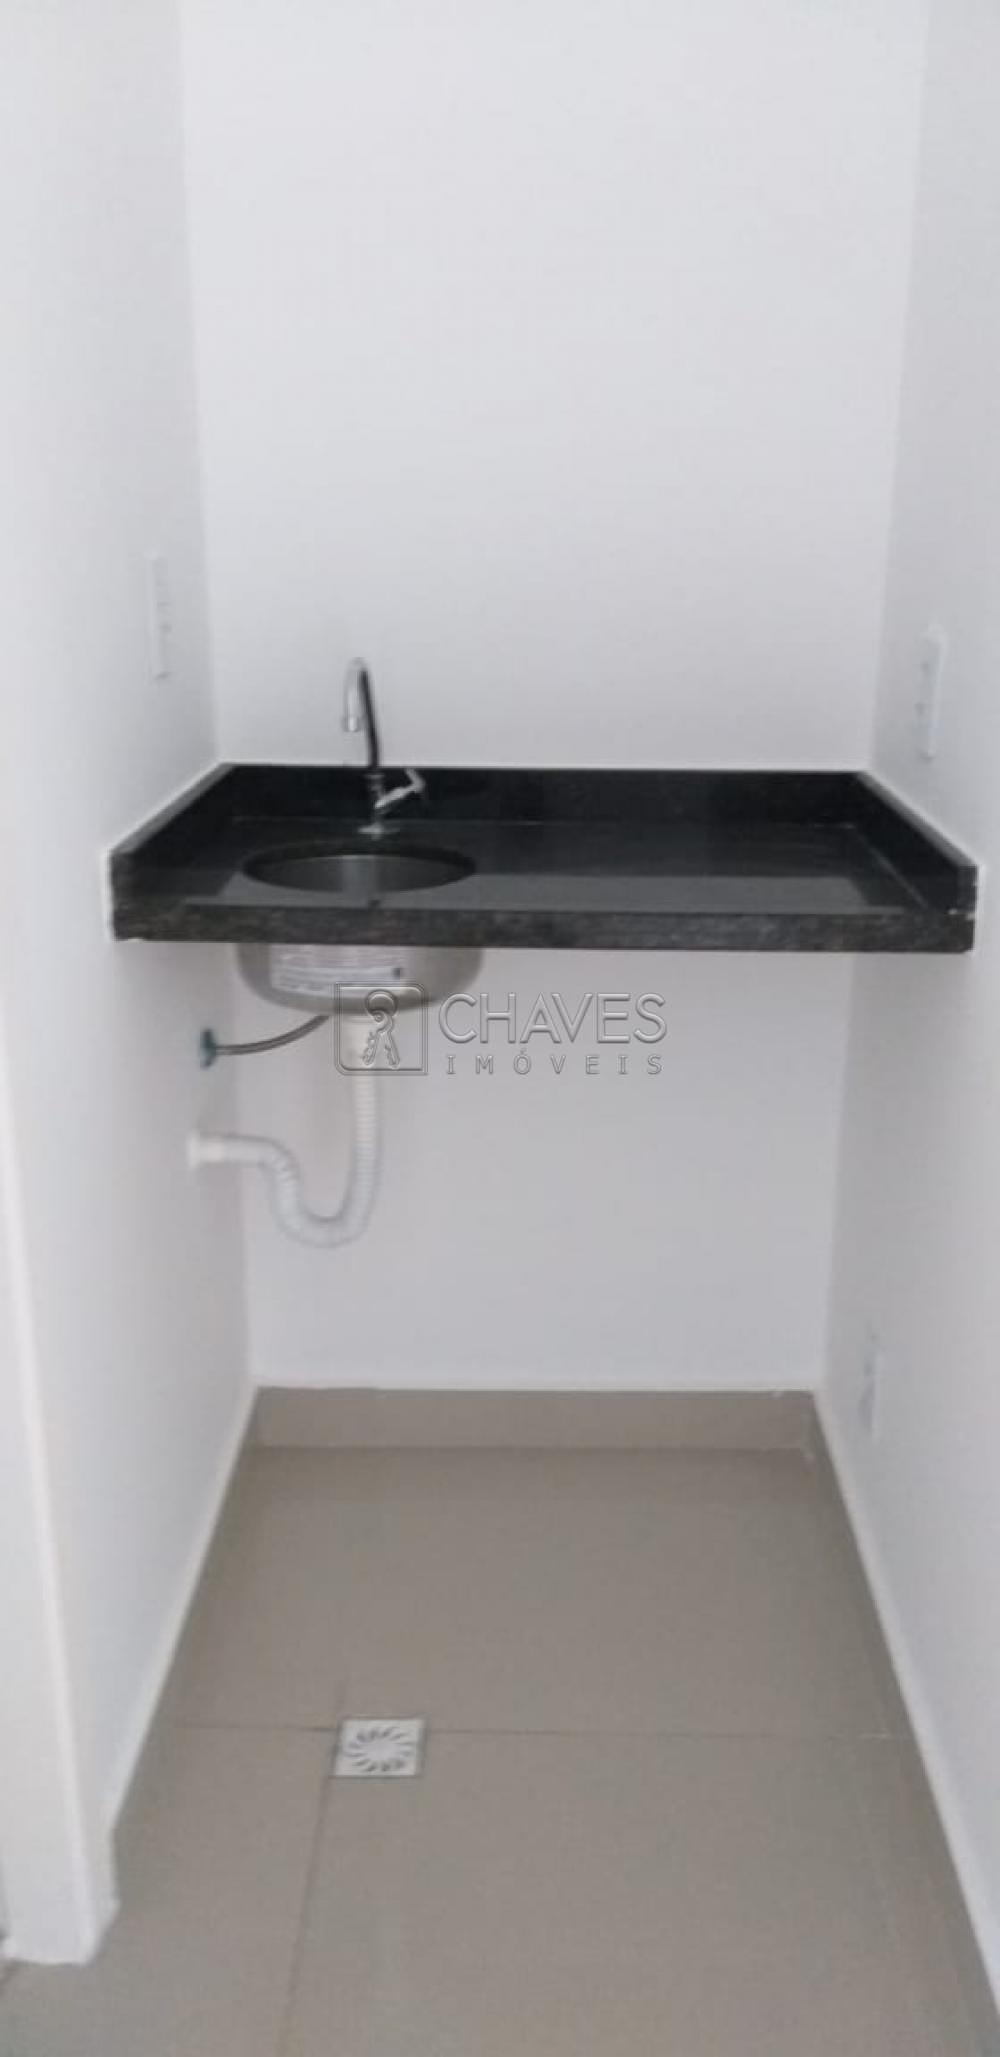 Alugar Comercial / Sala em Condomínio em Ribeirão Preto R$ 900,00 - Foto 6